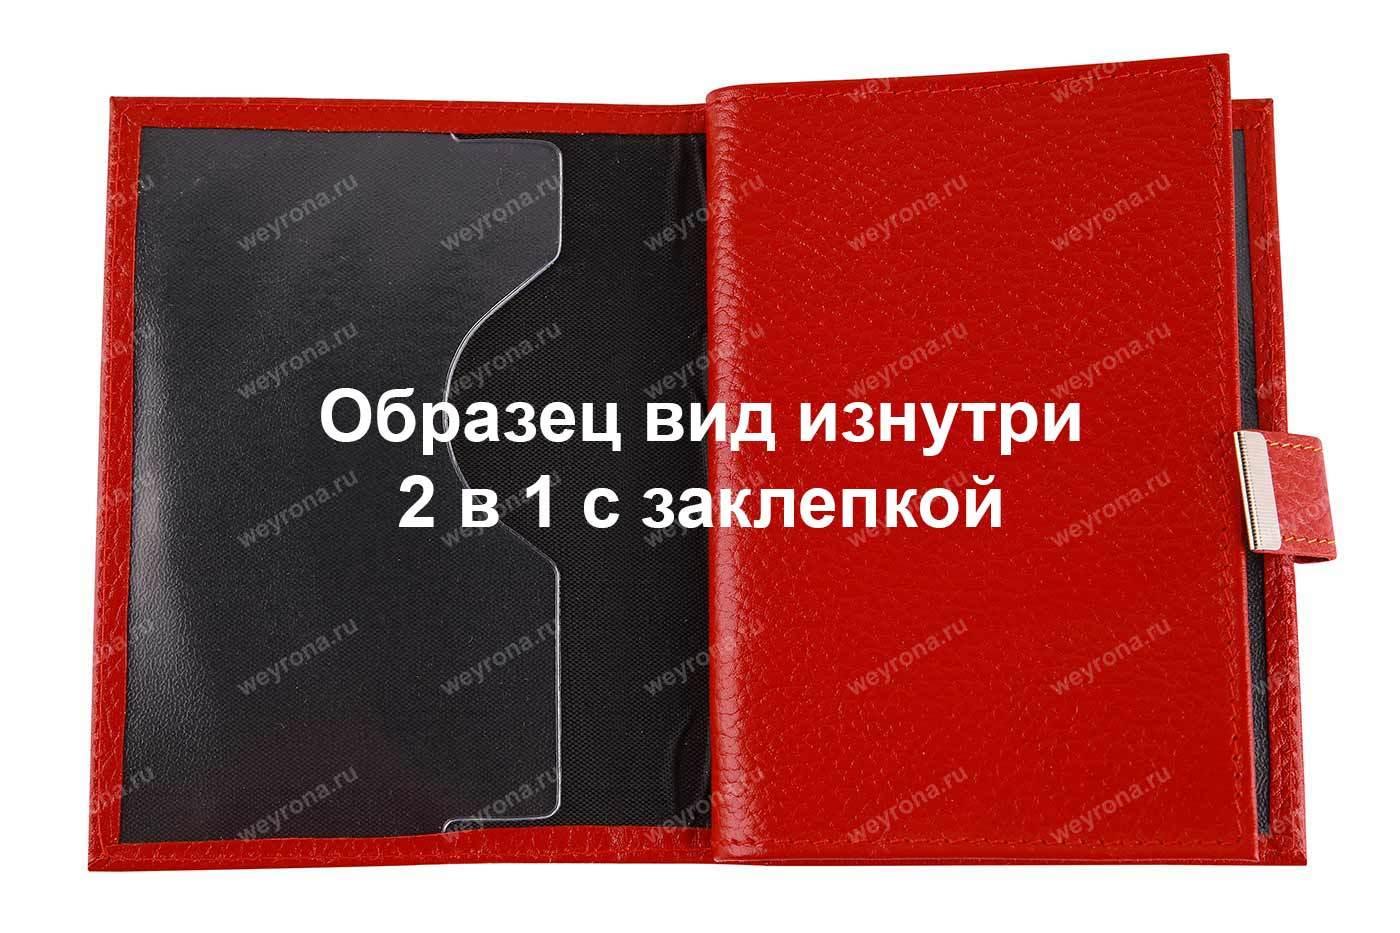 Обложка с заклепкой ФЛОТЕР КОРИЧНЕВЫЙ 2 в 1 (ТЕЛЯЧЬЯ КОЖА)